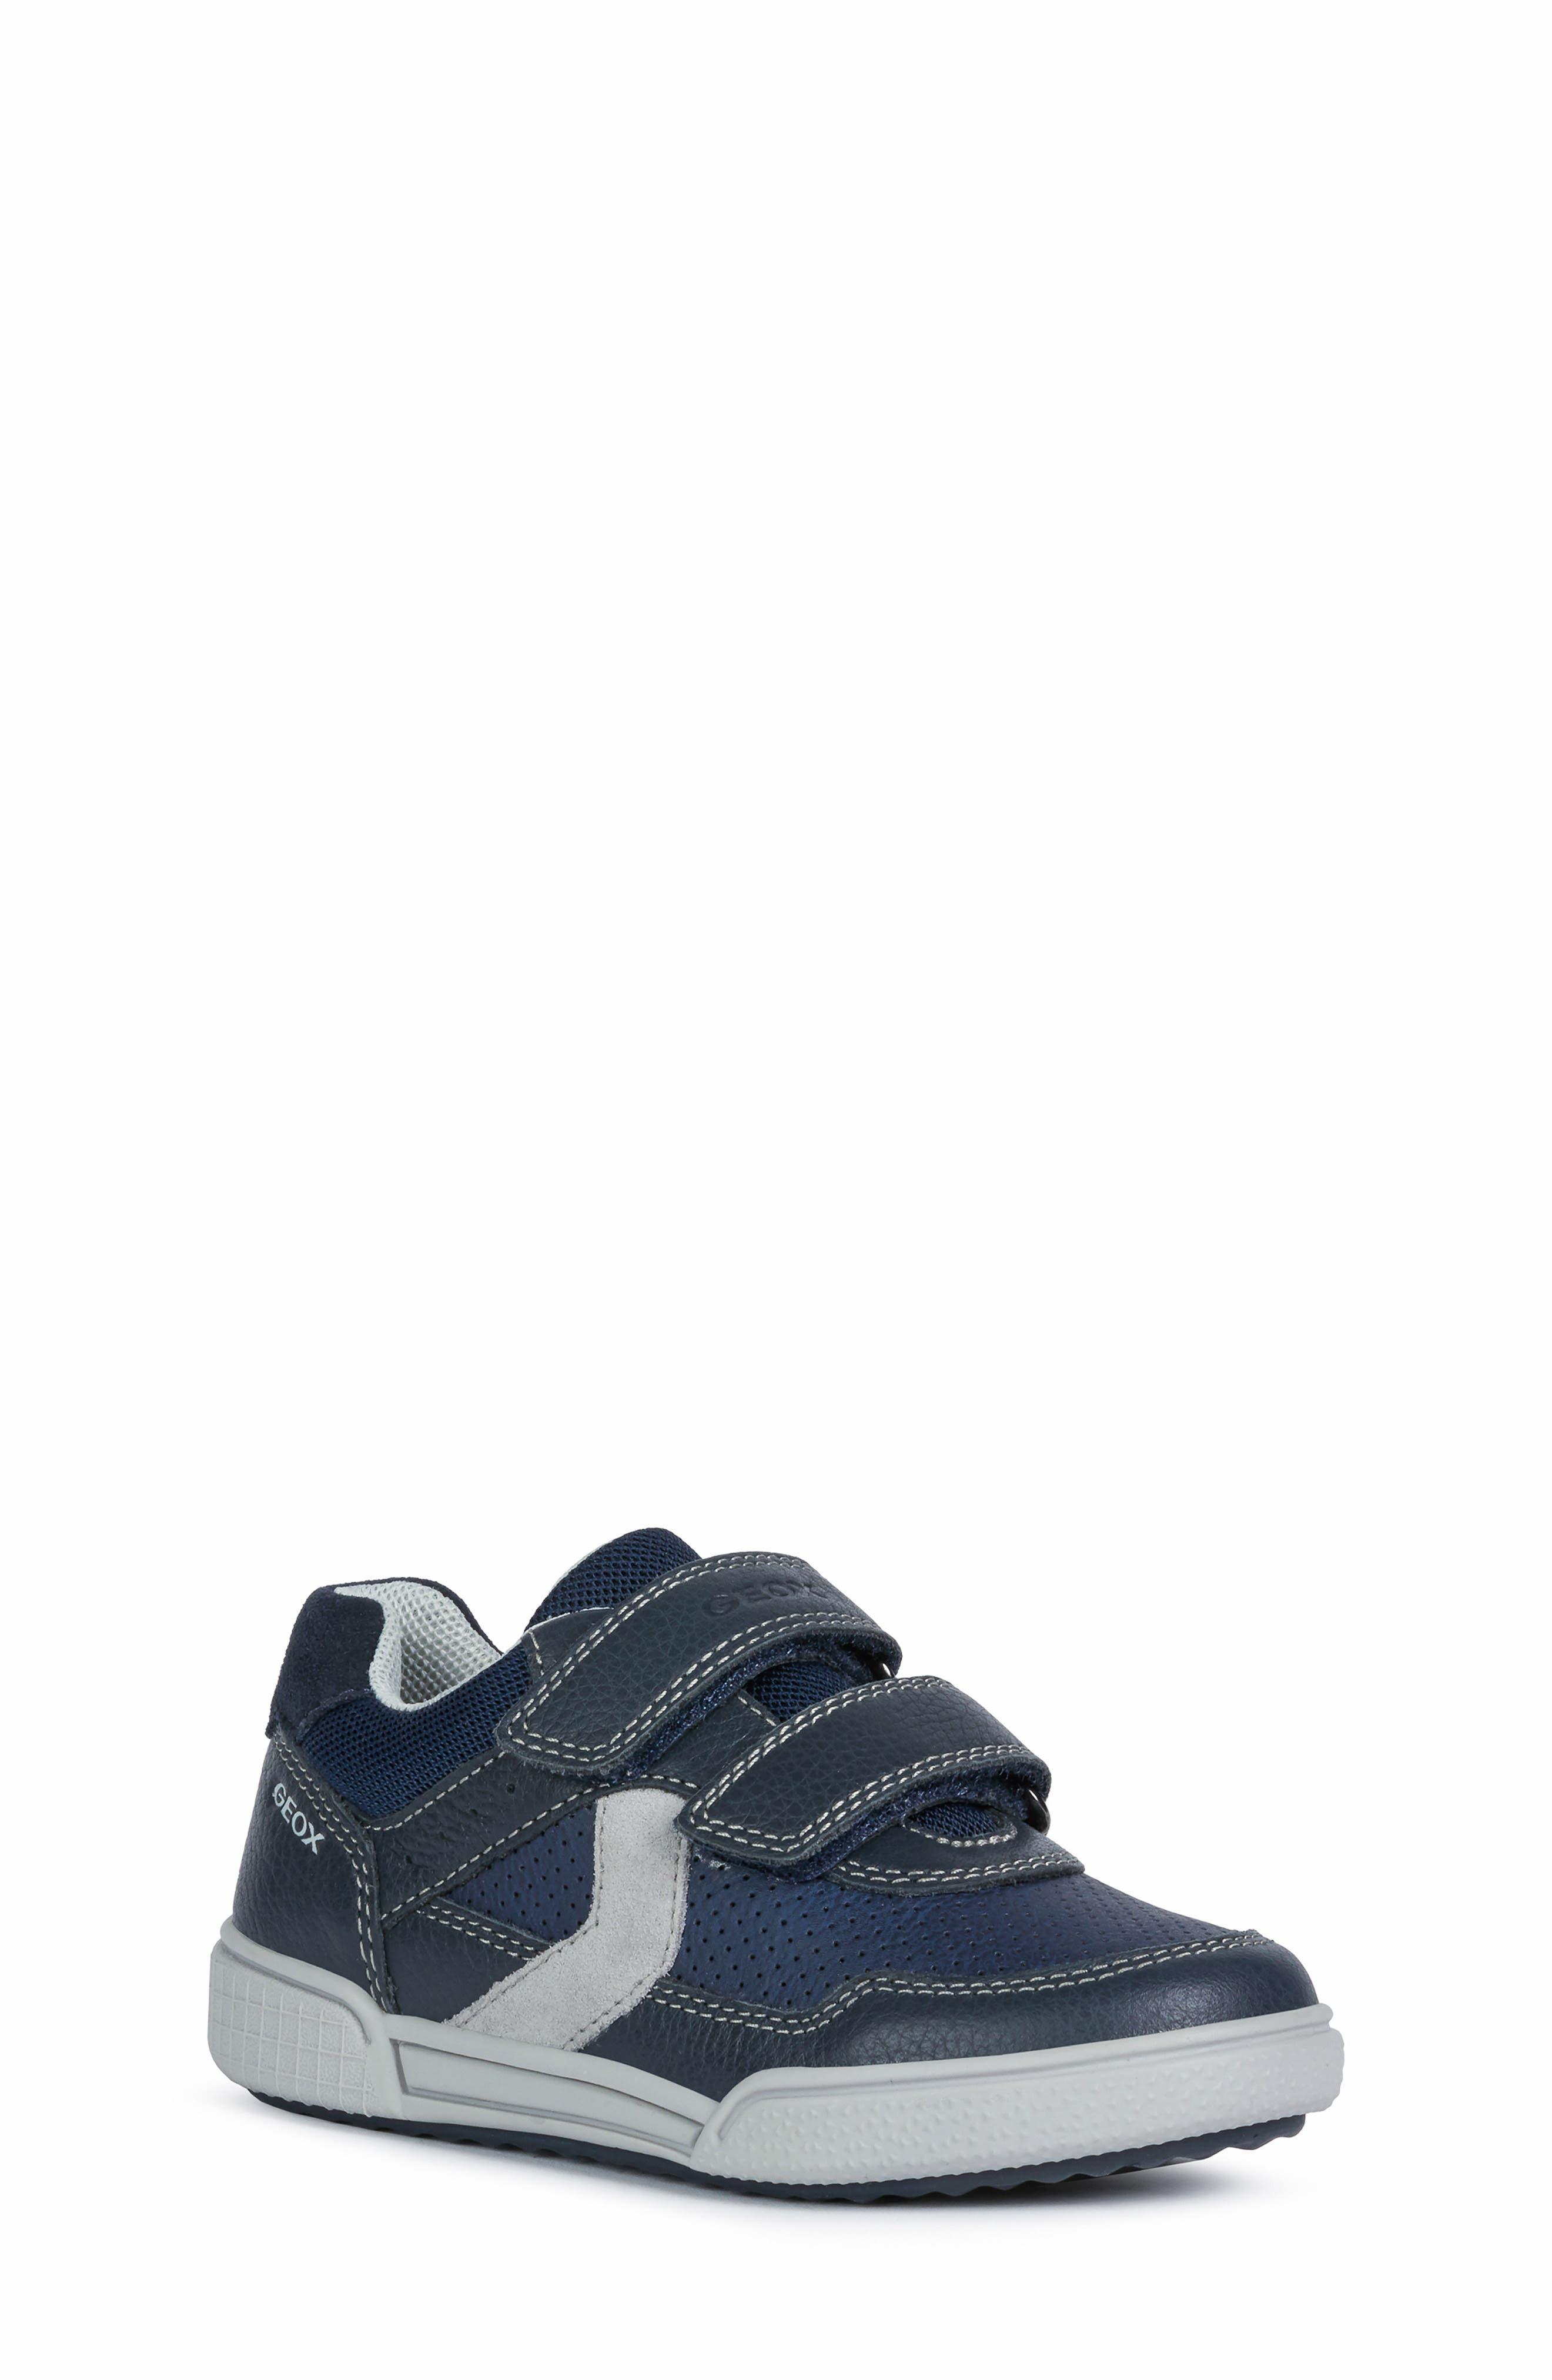 Baby Geox \u0026 Kids Shoes Sale \u0026 Clearance